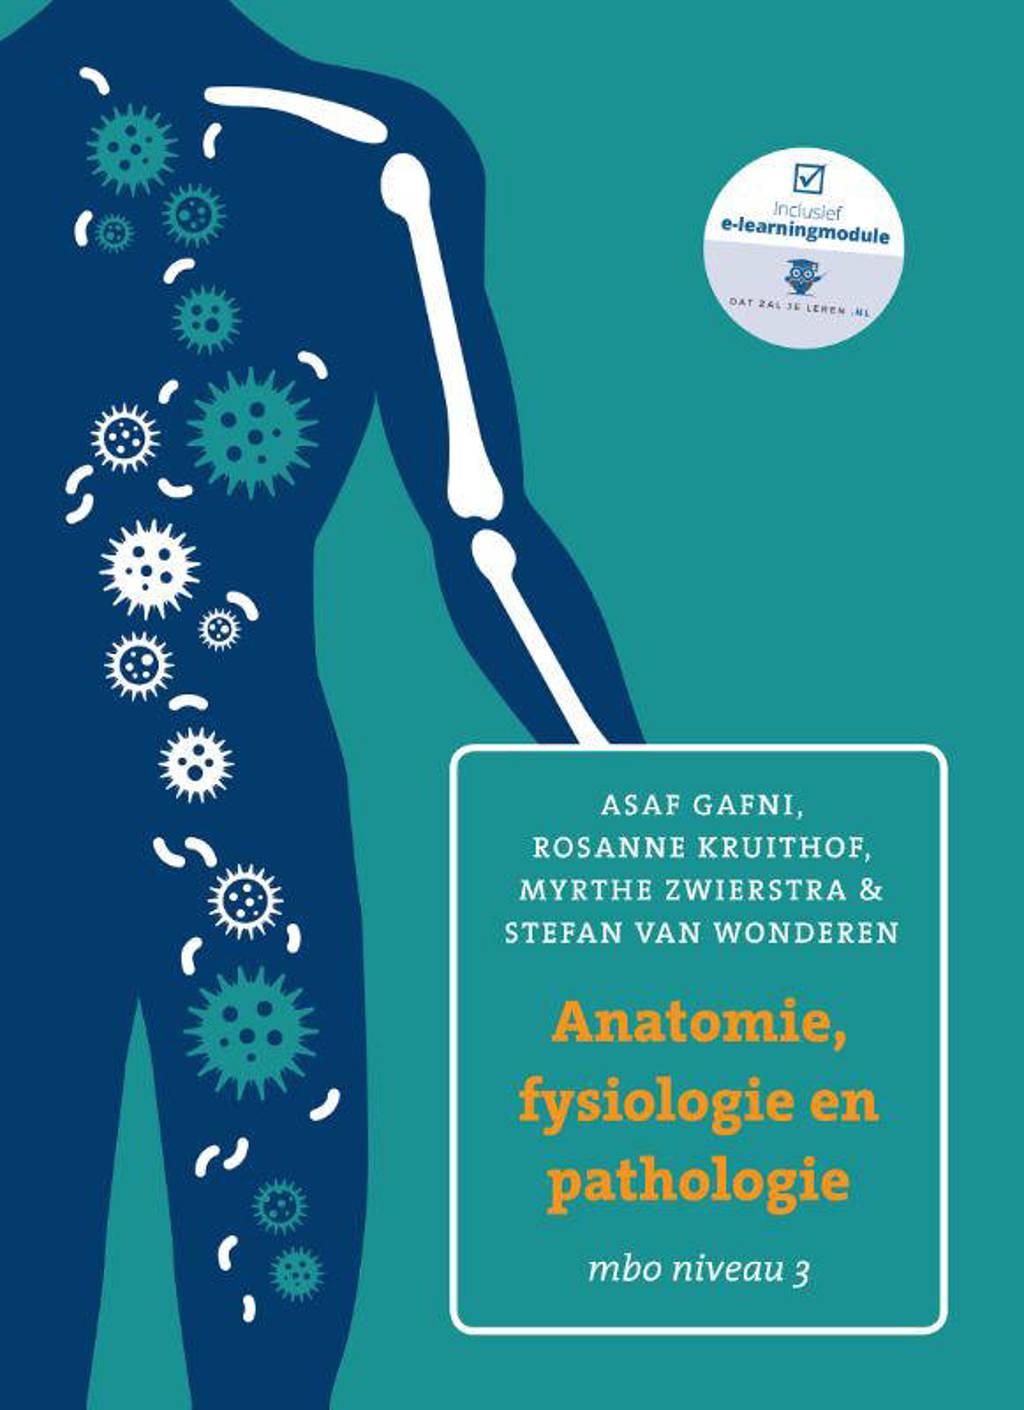 Anatomie, fysiologie en pathologie mbo niveau 3 - Asaf Gafni, Rosanne Kruithof en Stefan van Wonderen